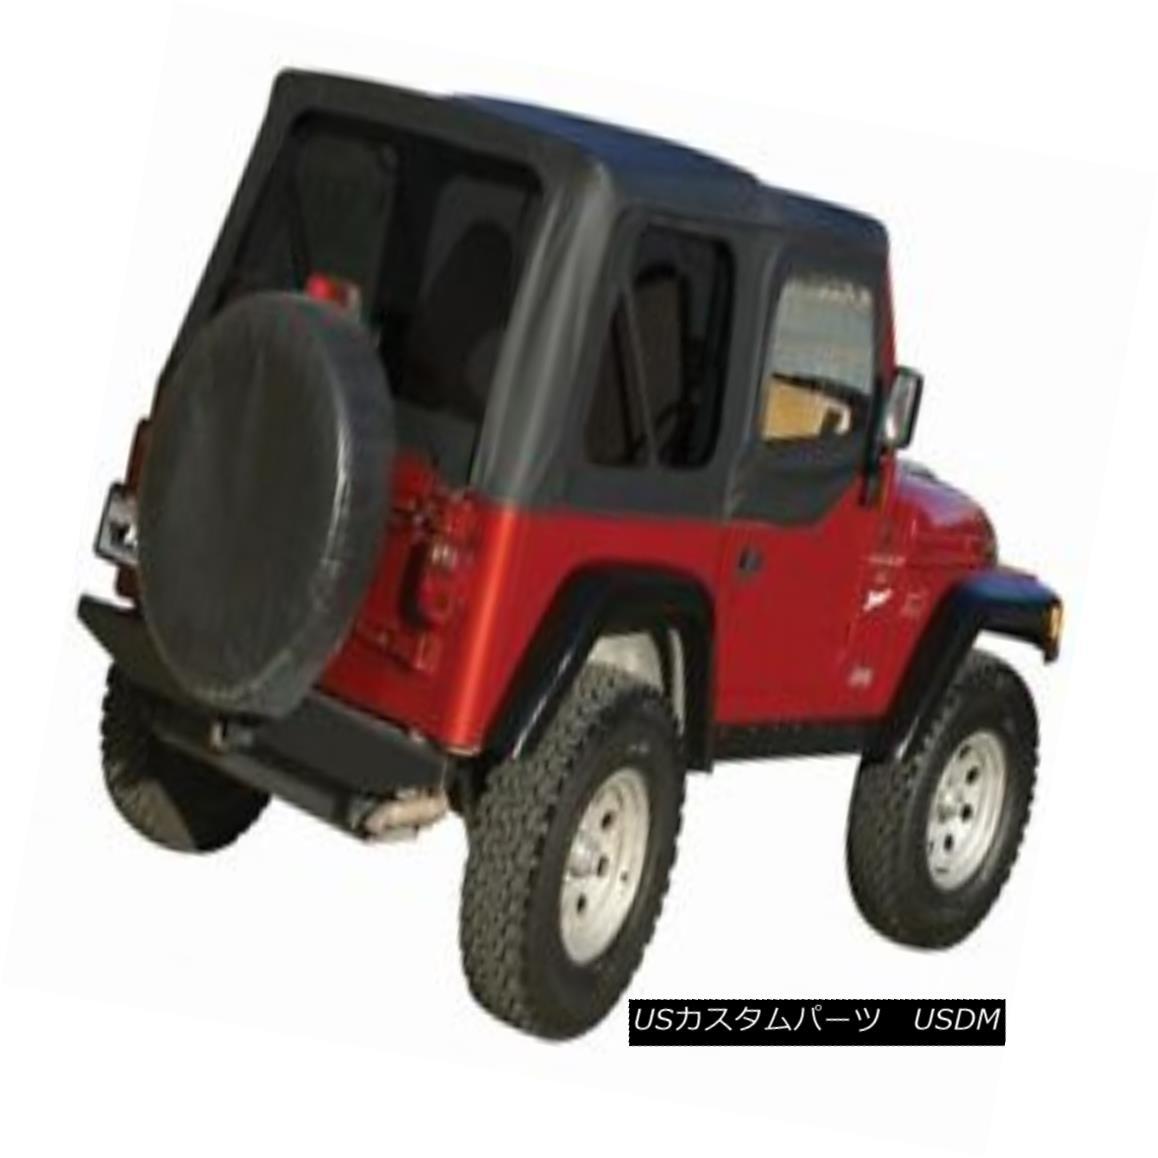 幌・ソフトトップ Complete Soft Top w/ Upper Half Doors, 1997-2006 Jeep Wrangler TJ -Black Diamond 上の半分のドア、1997-2006年の完全なソフトトップジープラングラーTJ - ブラックダイヤモンド